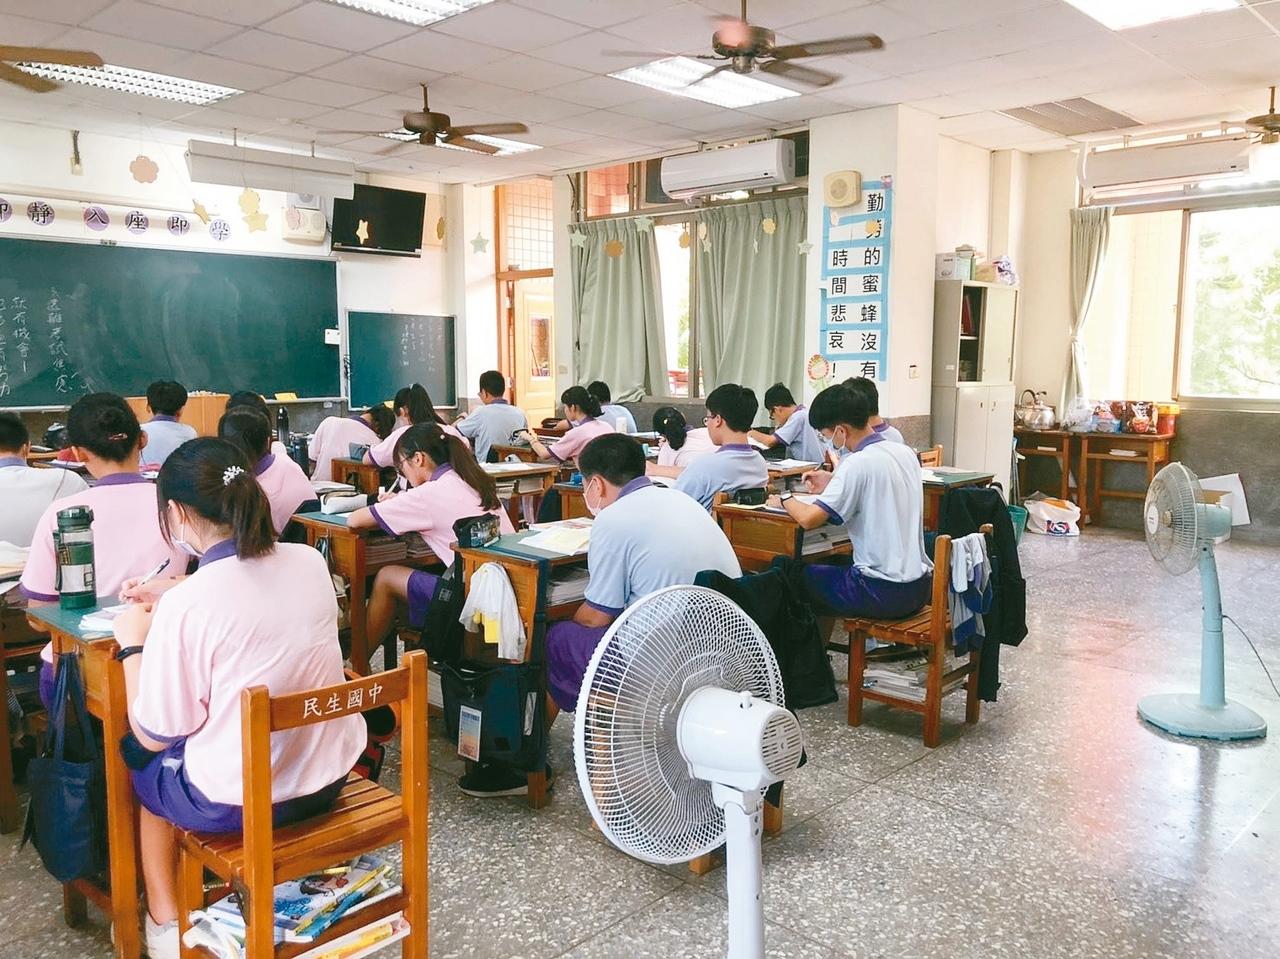 天氣熱到受不了,嘉義市民生國中每間教室都再追加兩支立扇,希望學生能安心學習。 記者李承穎/攝影